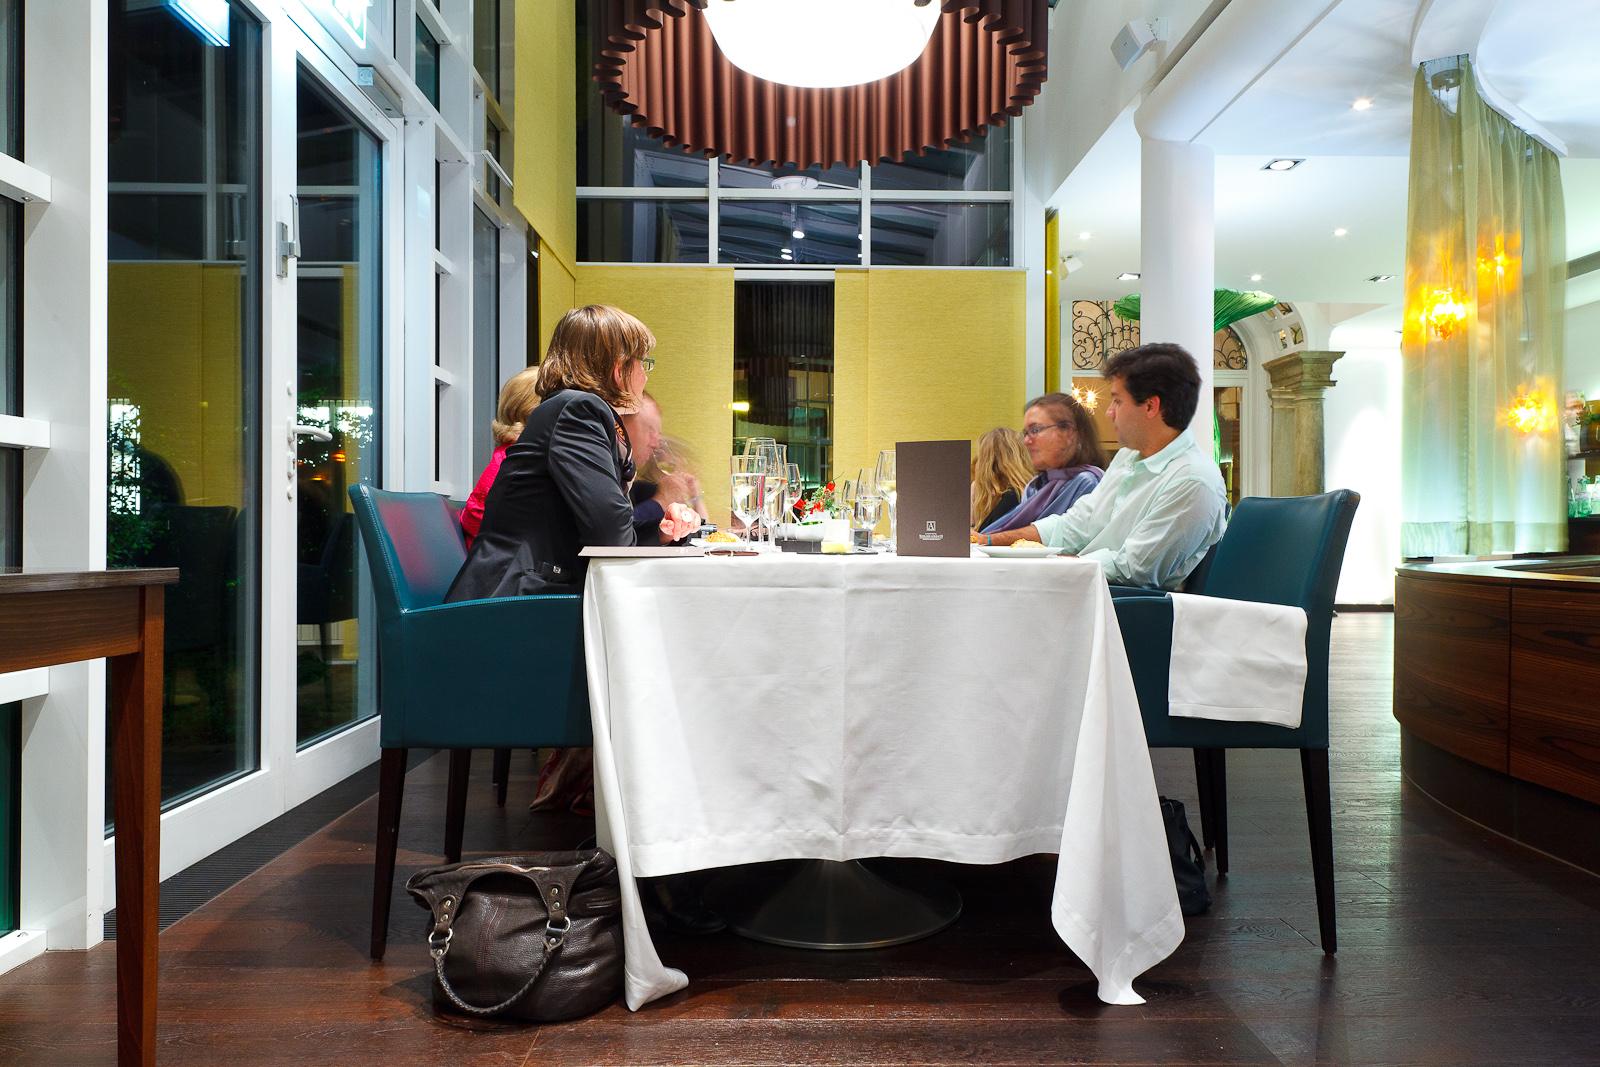 Dining room at Schlosshotel Lerbach